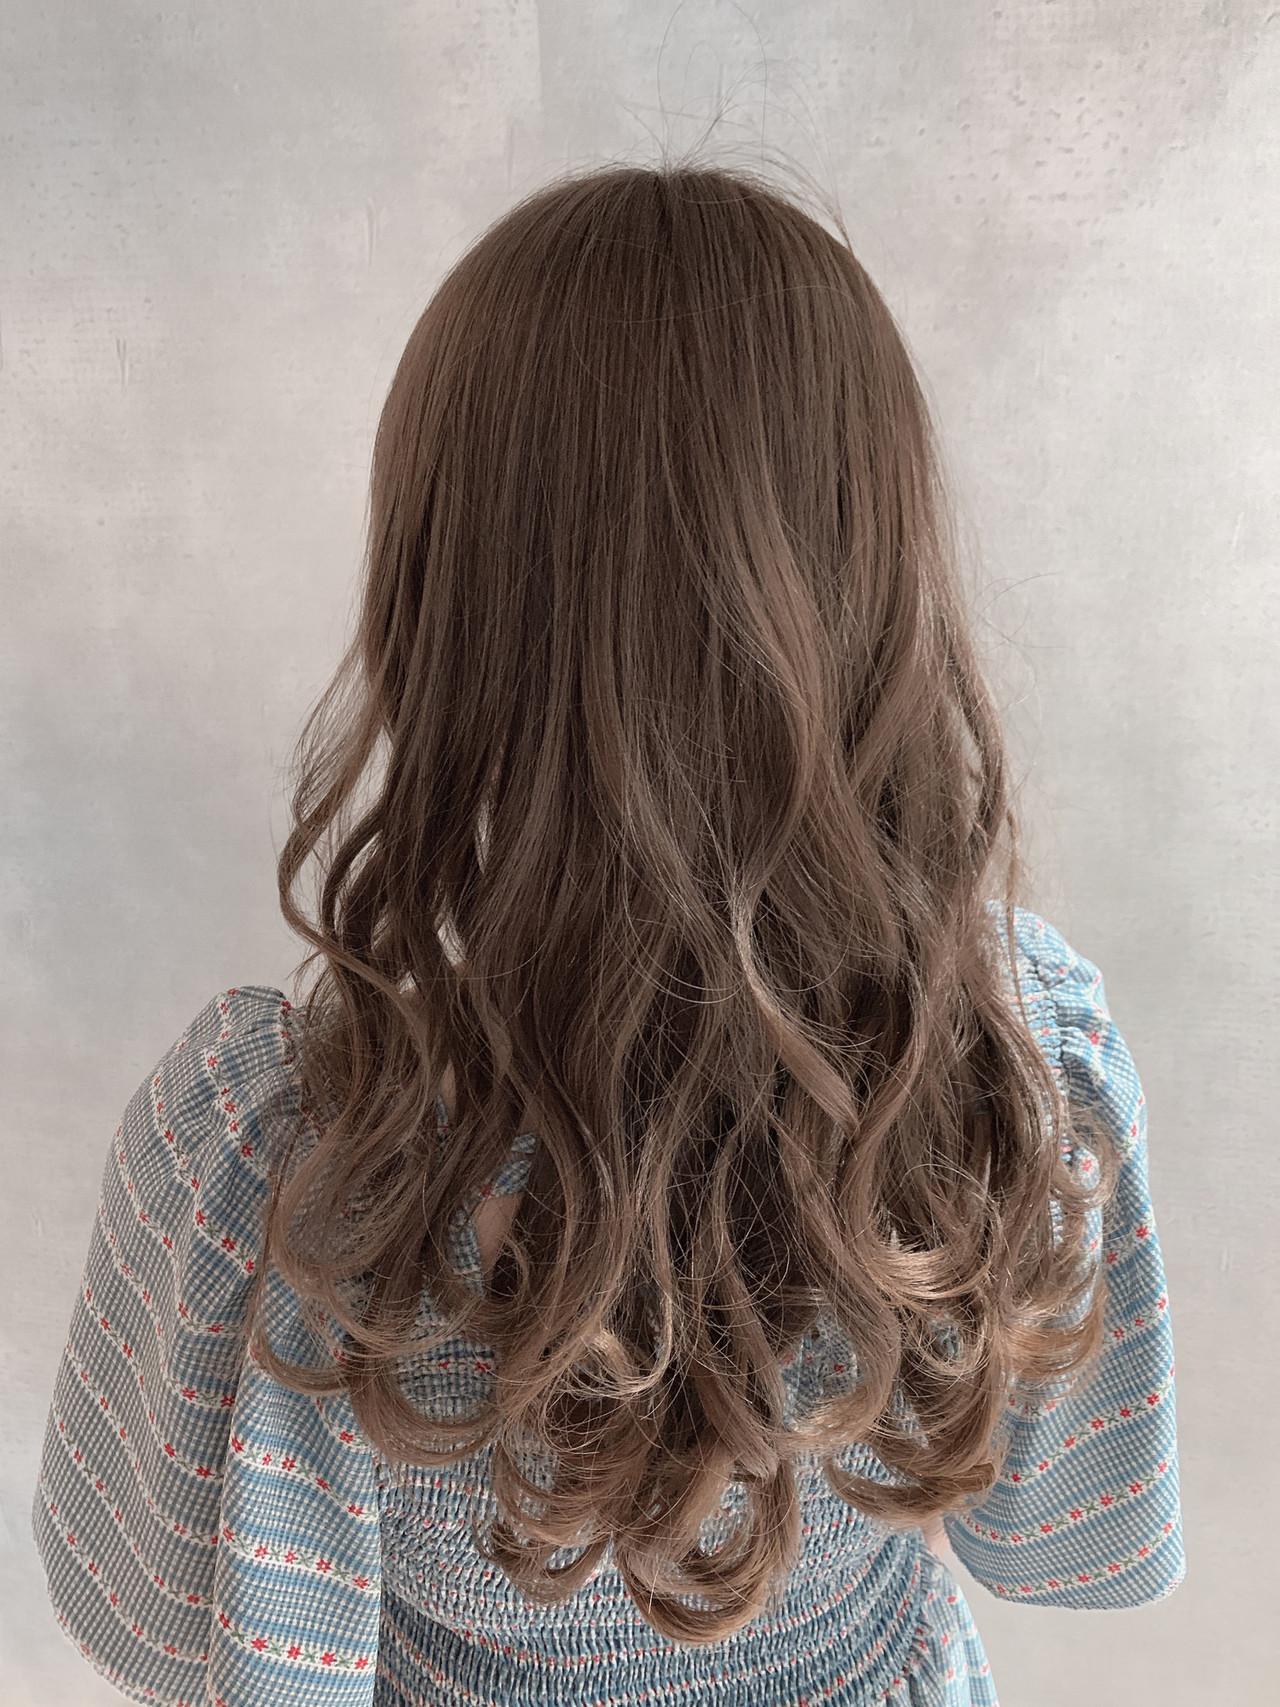 巻き髪 ハイトーンカラー セミロング 外国人風カラー ヘアスタイルや髪型の写真・画像